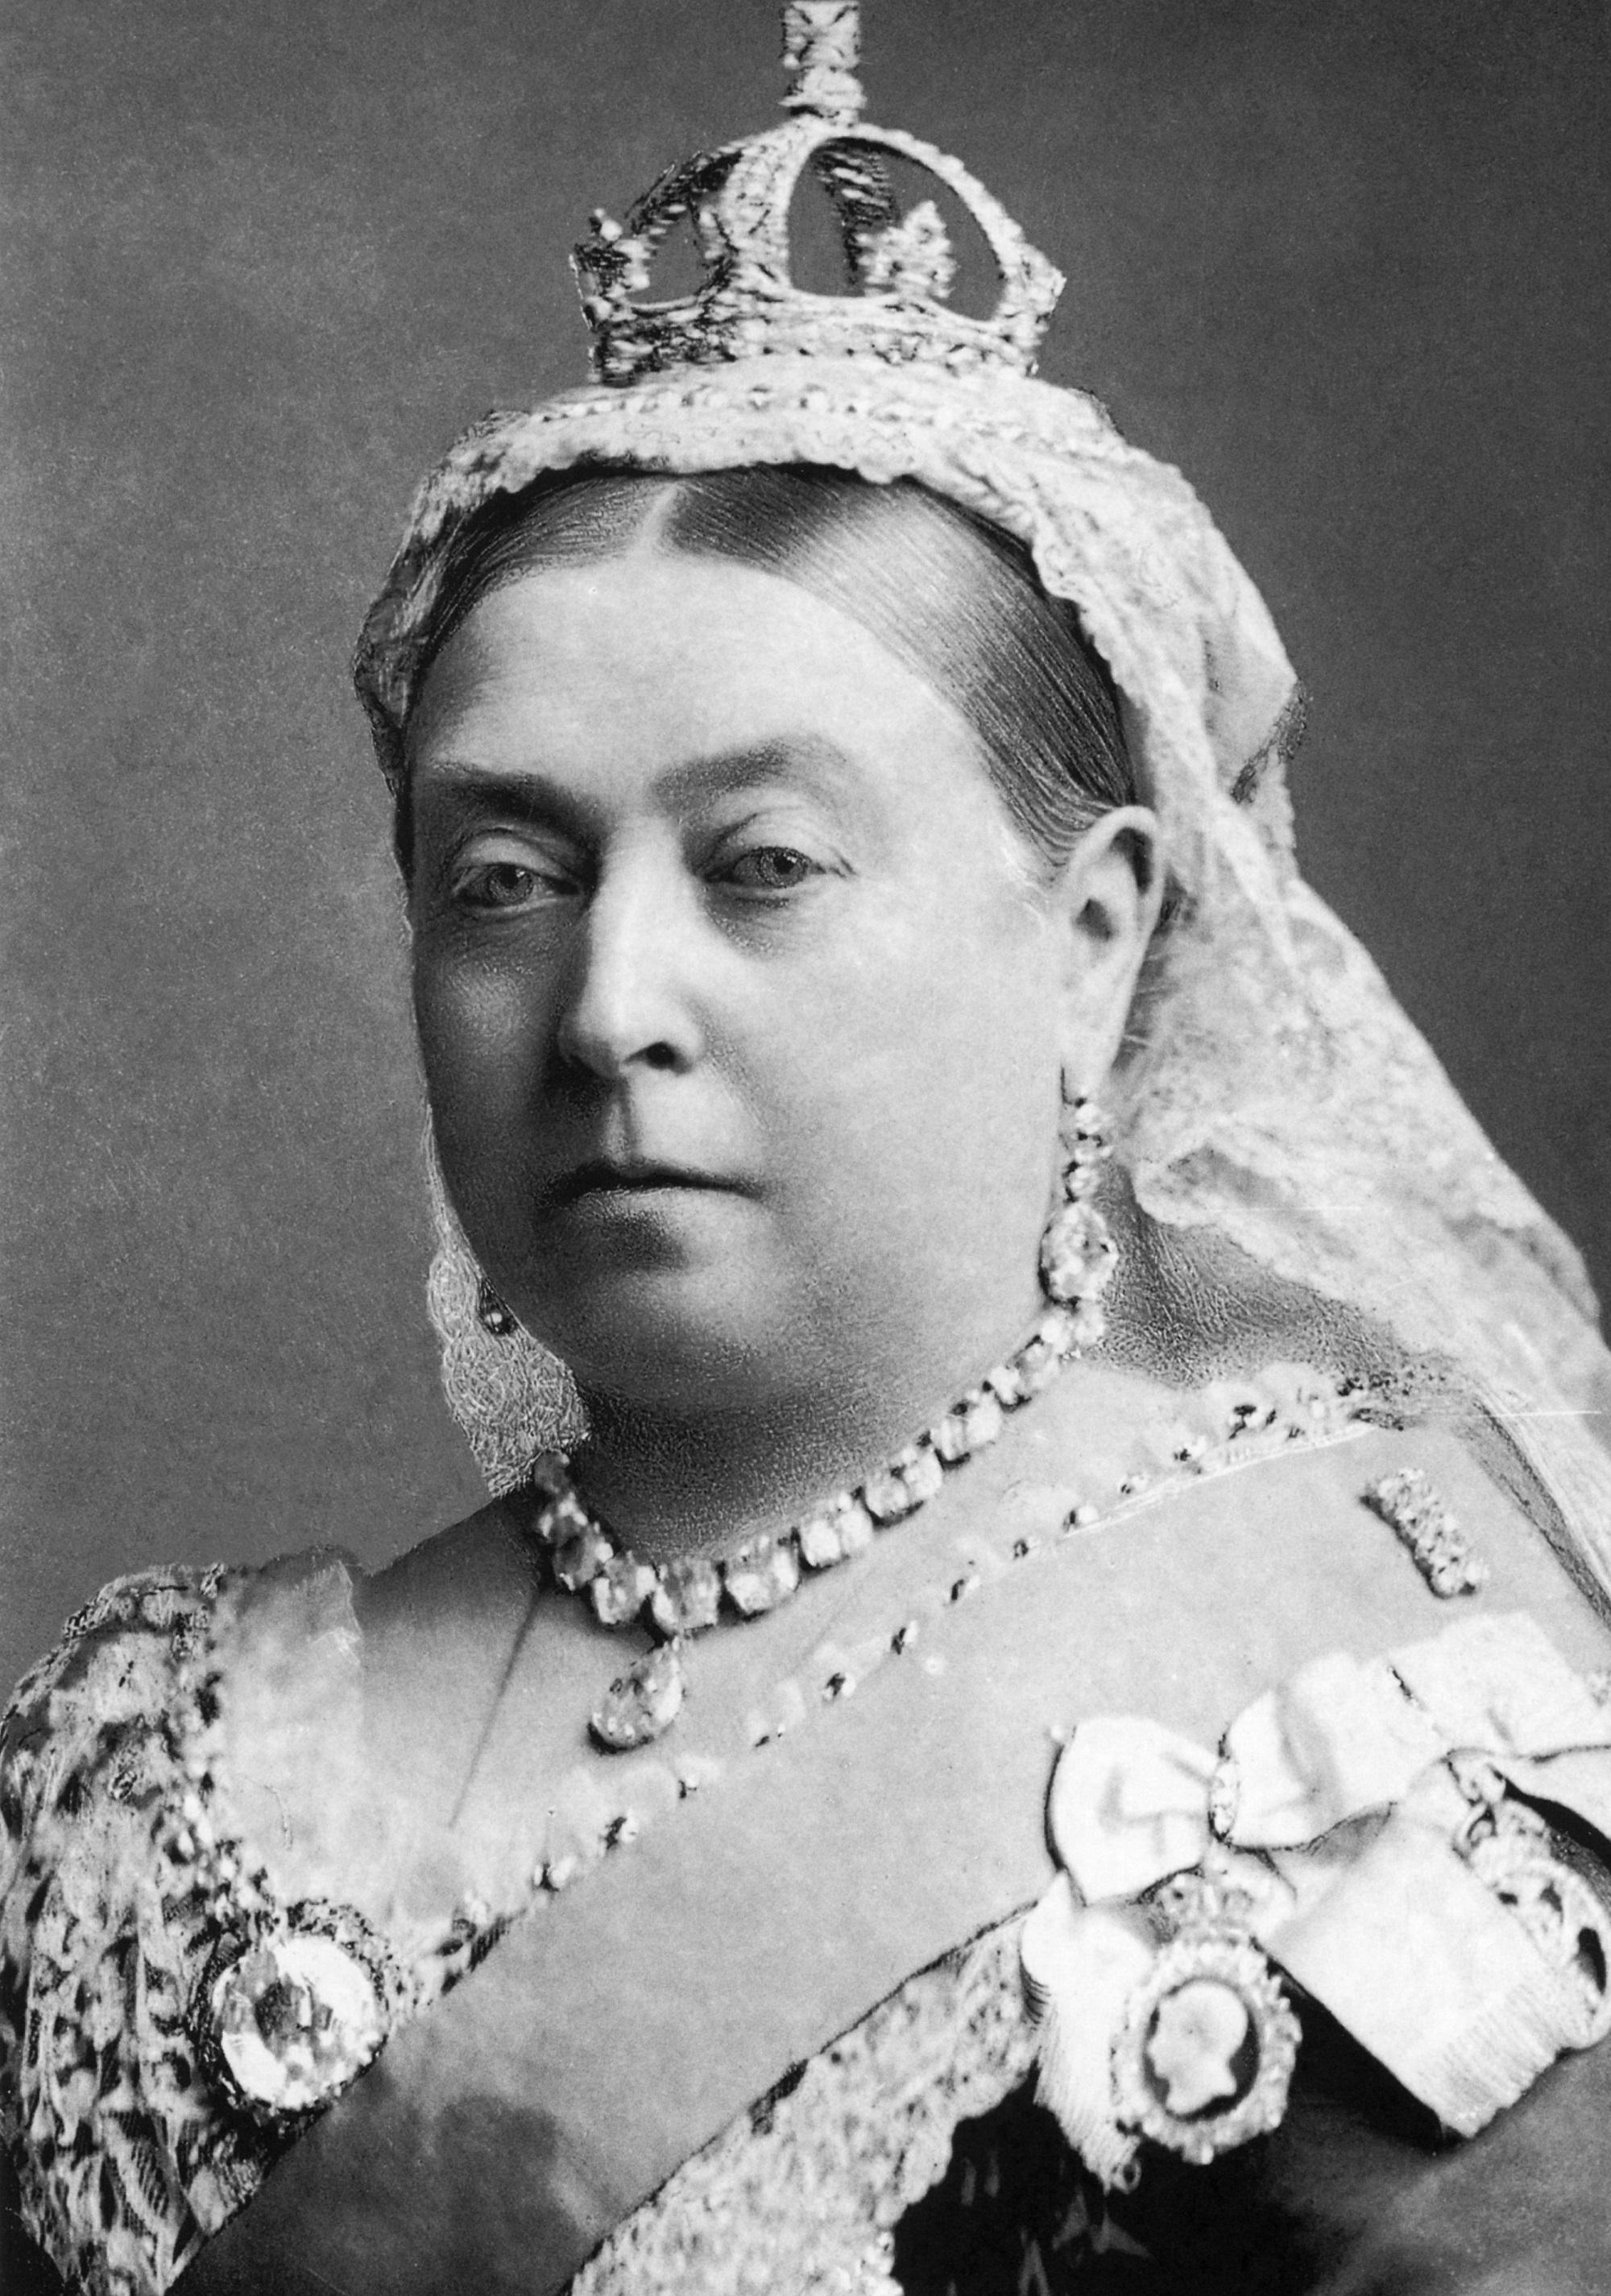 ویکتوریا؛ ملکهای که ثروت فقرا را چاپید/ وقتی ملکه بریتانیا «مامانبزرگ اروپا» بود